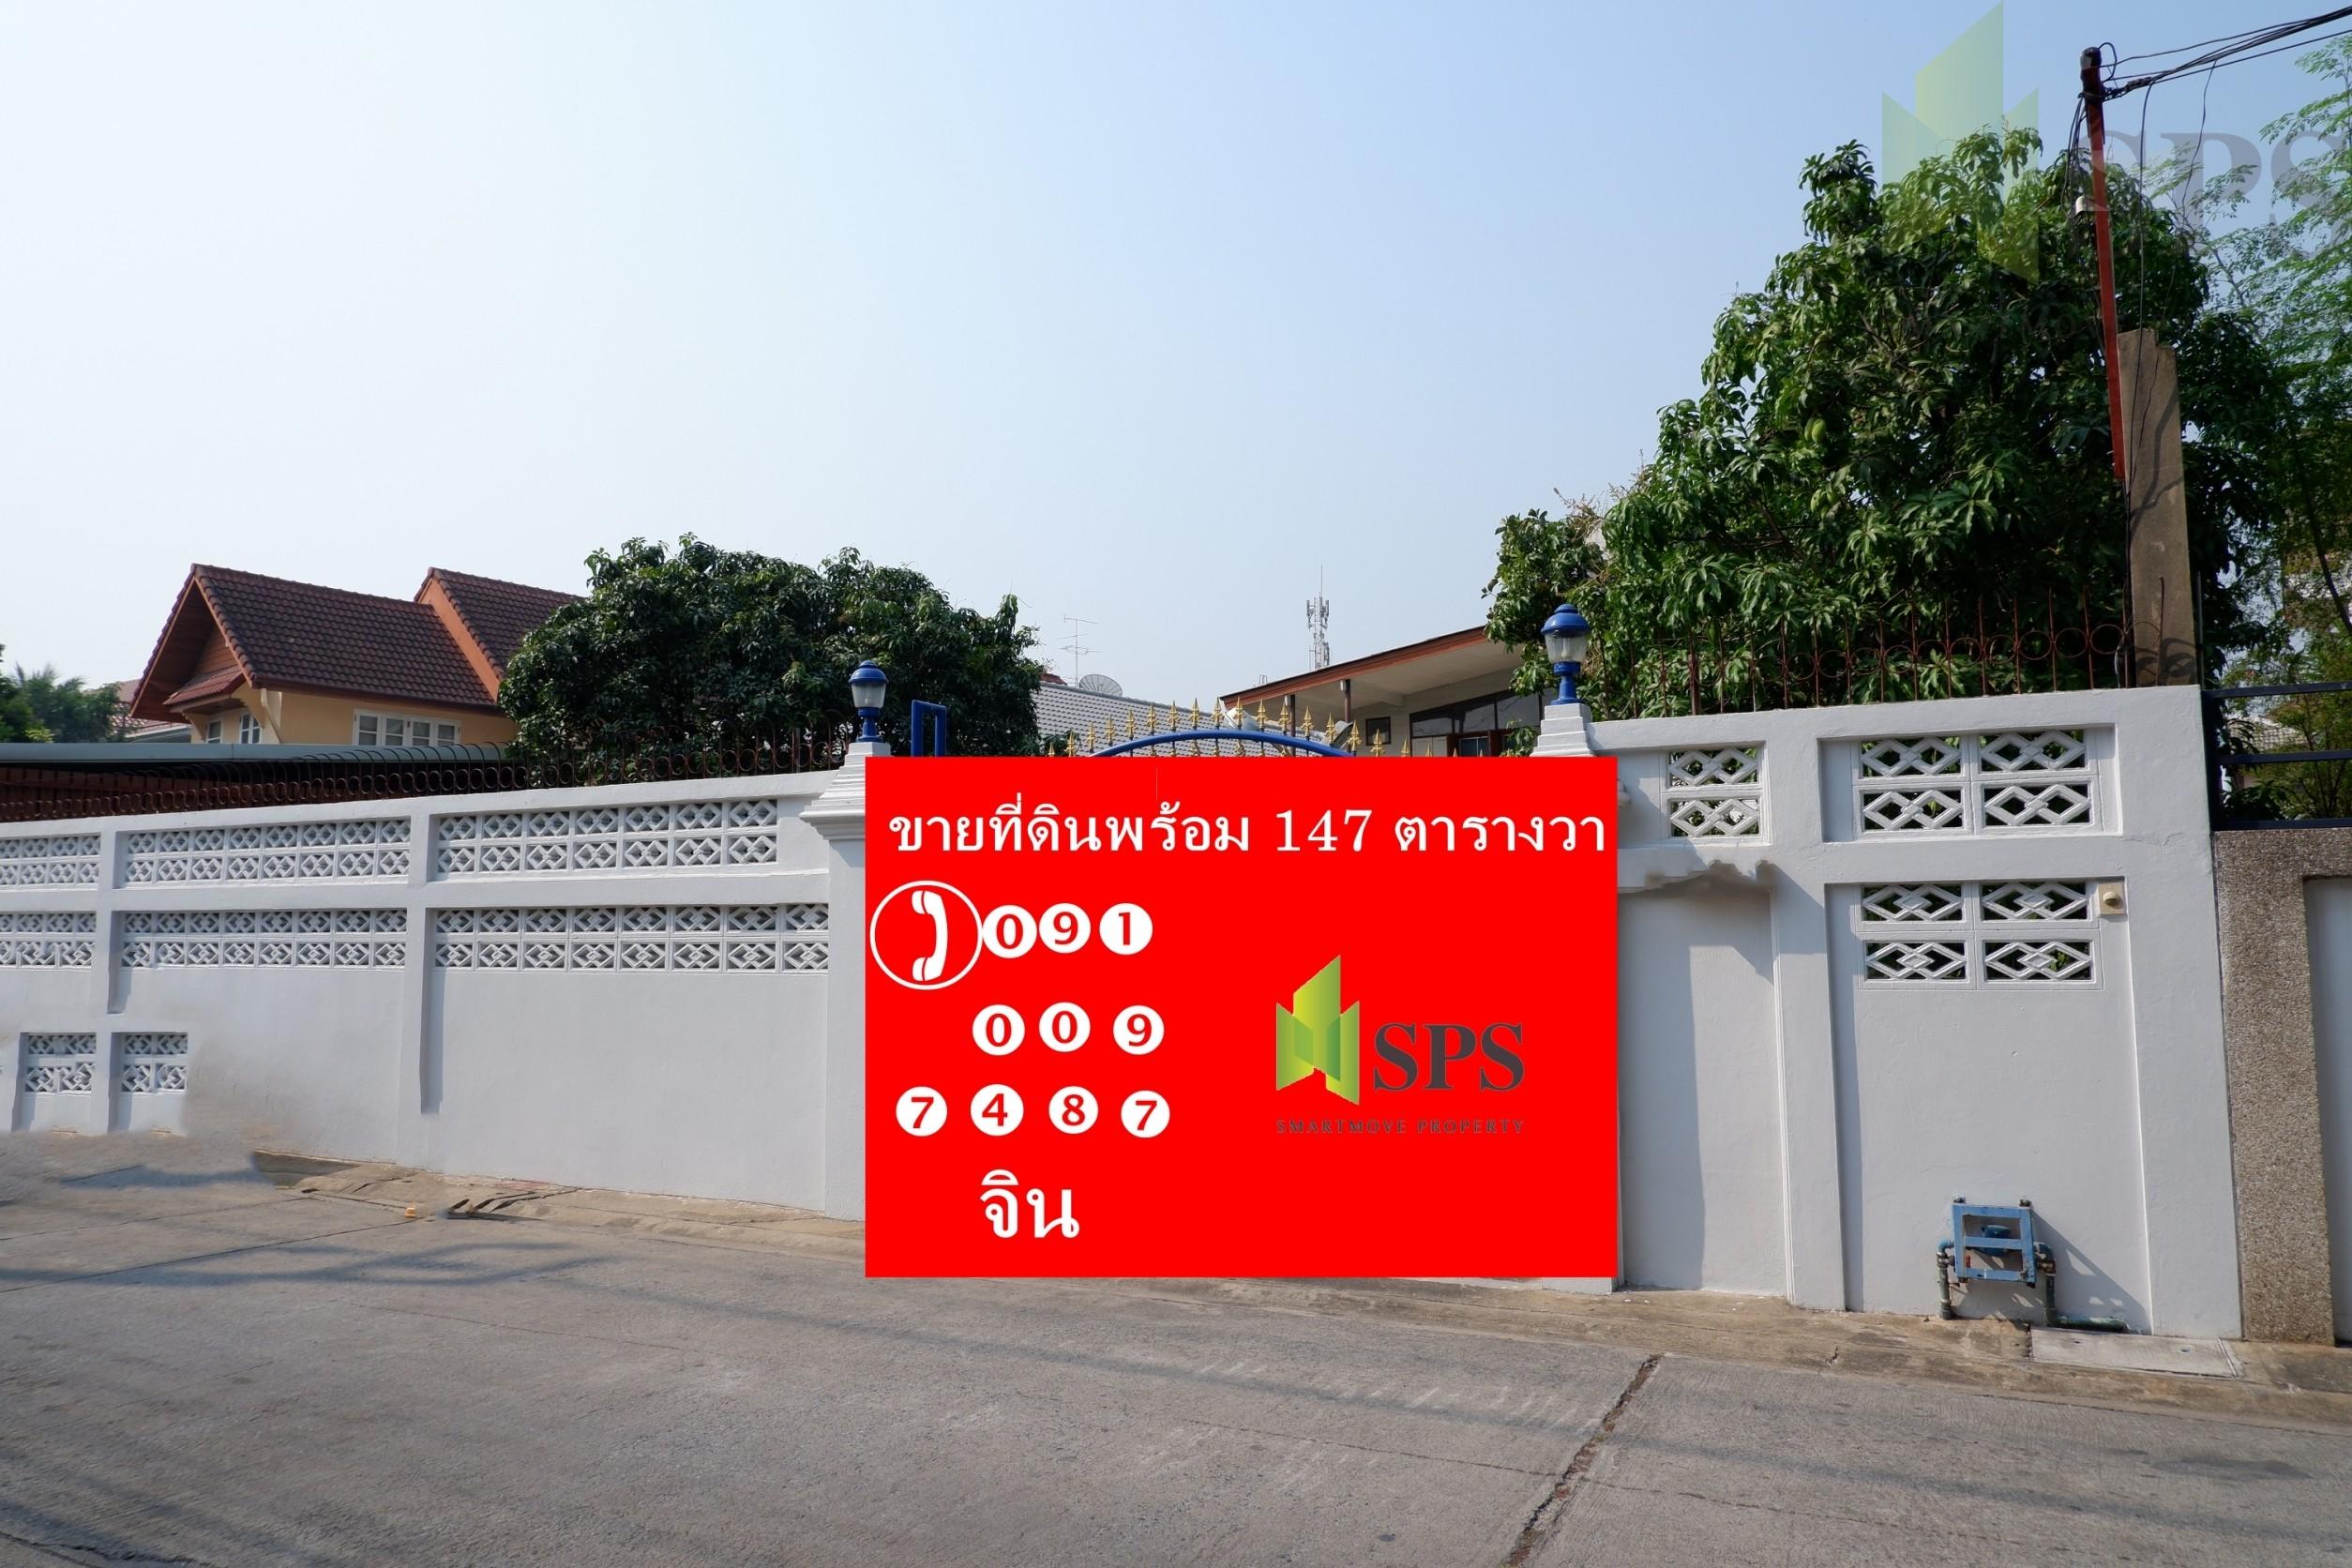 บ้านเดี่ยวพร้อมที่ดิน ขาย ขาย ขาย (SPS-GH23)